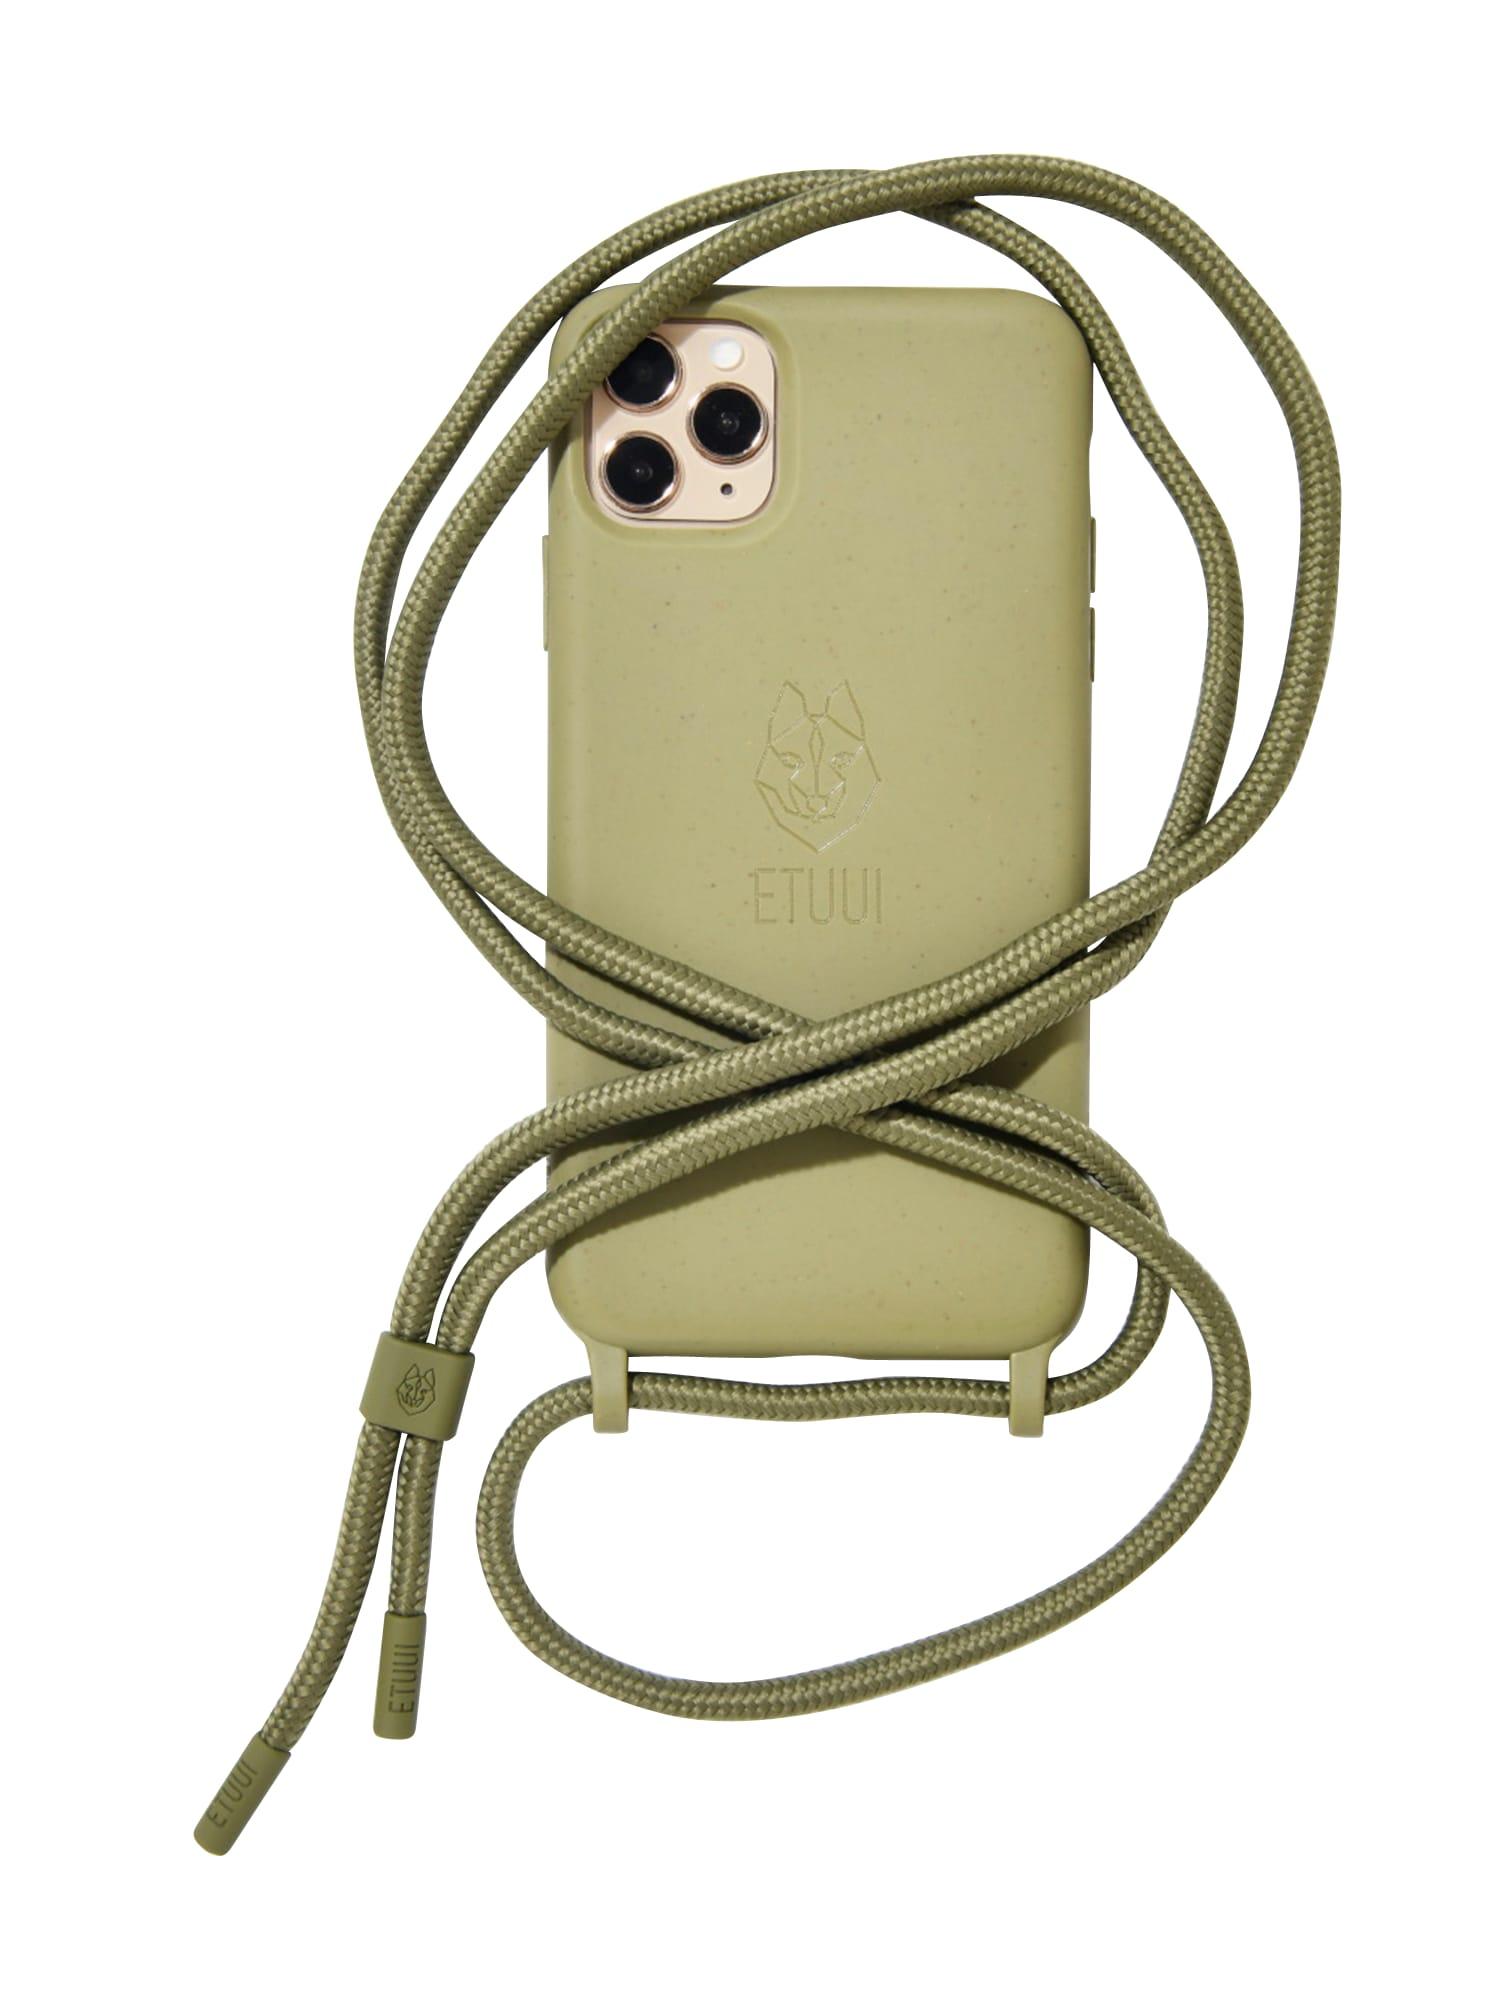 ETUUI Išmaniojo telefono dėklas rusvai žalia